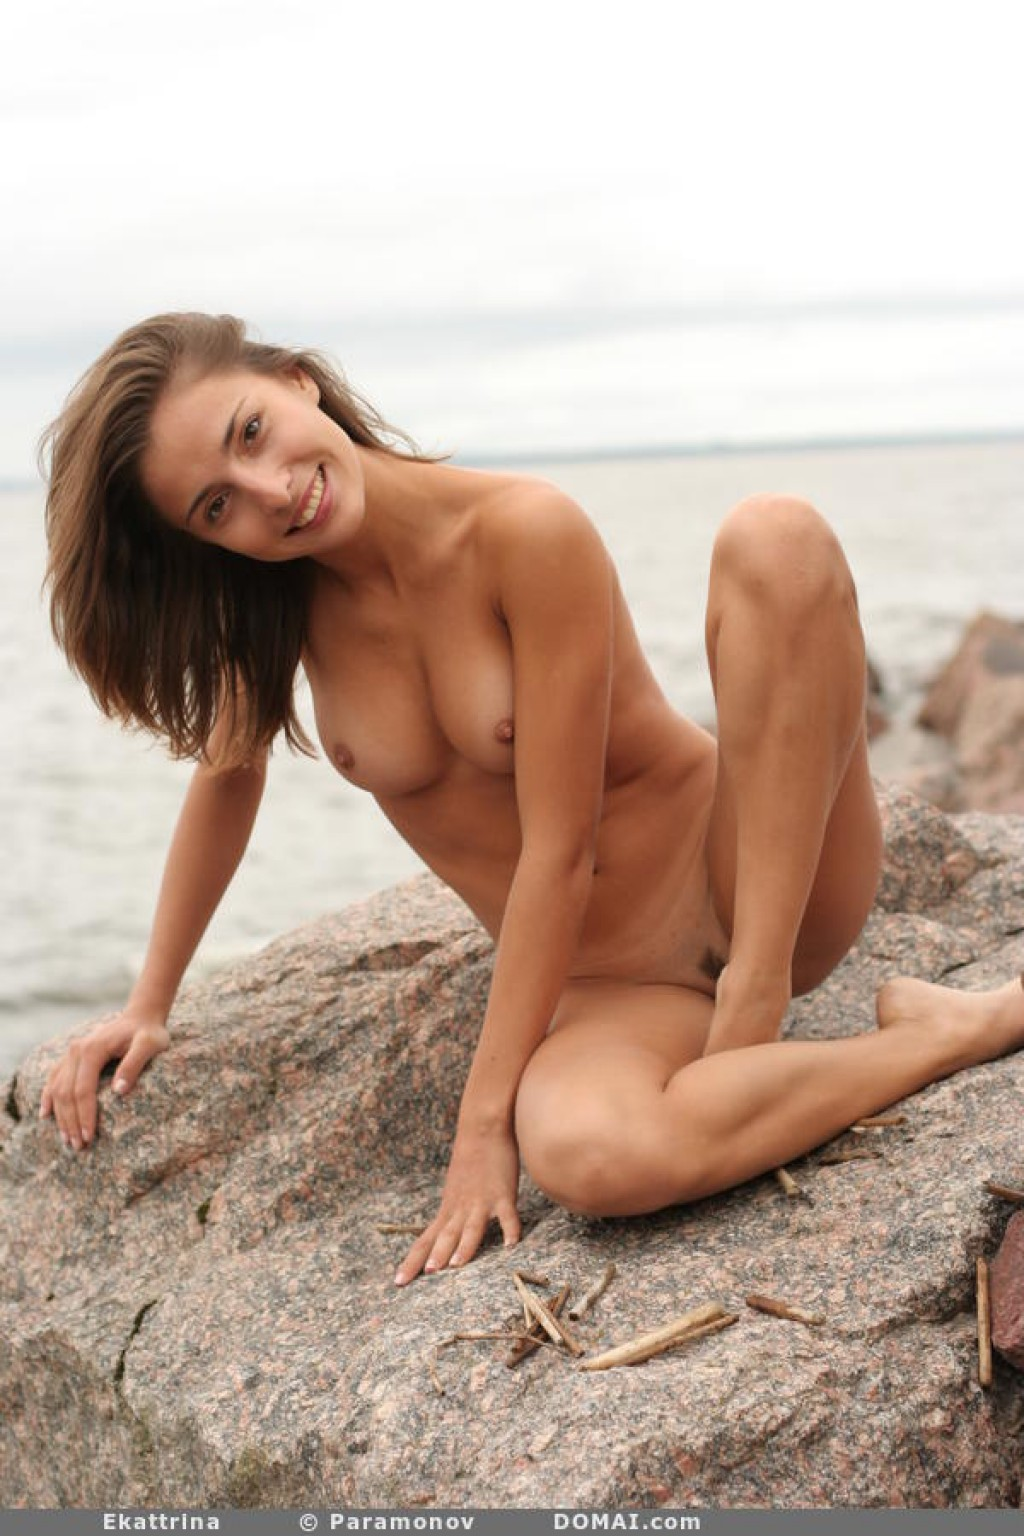 ekattrina nude